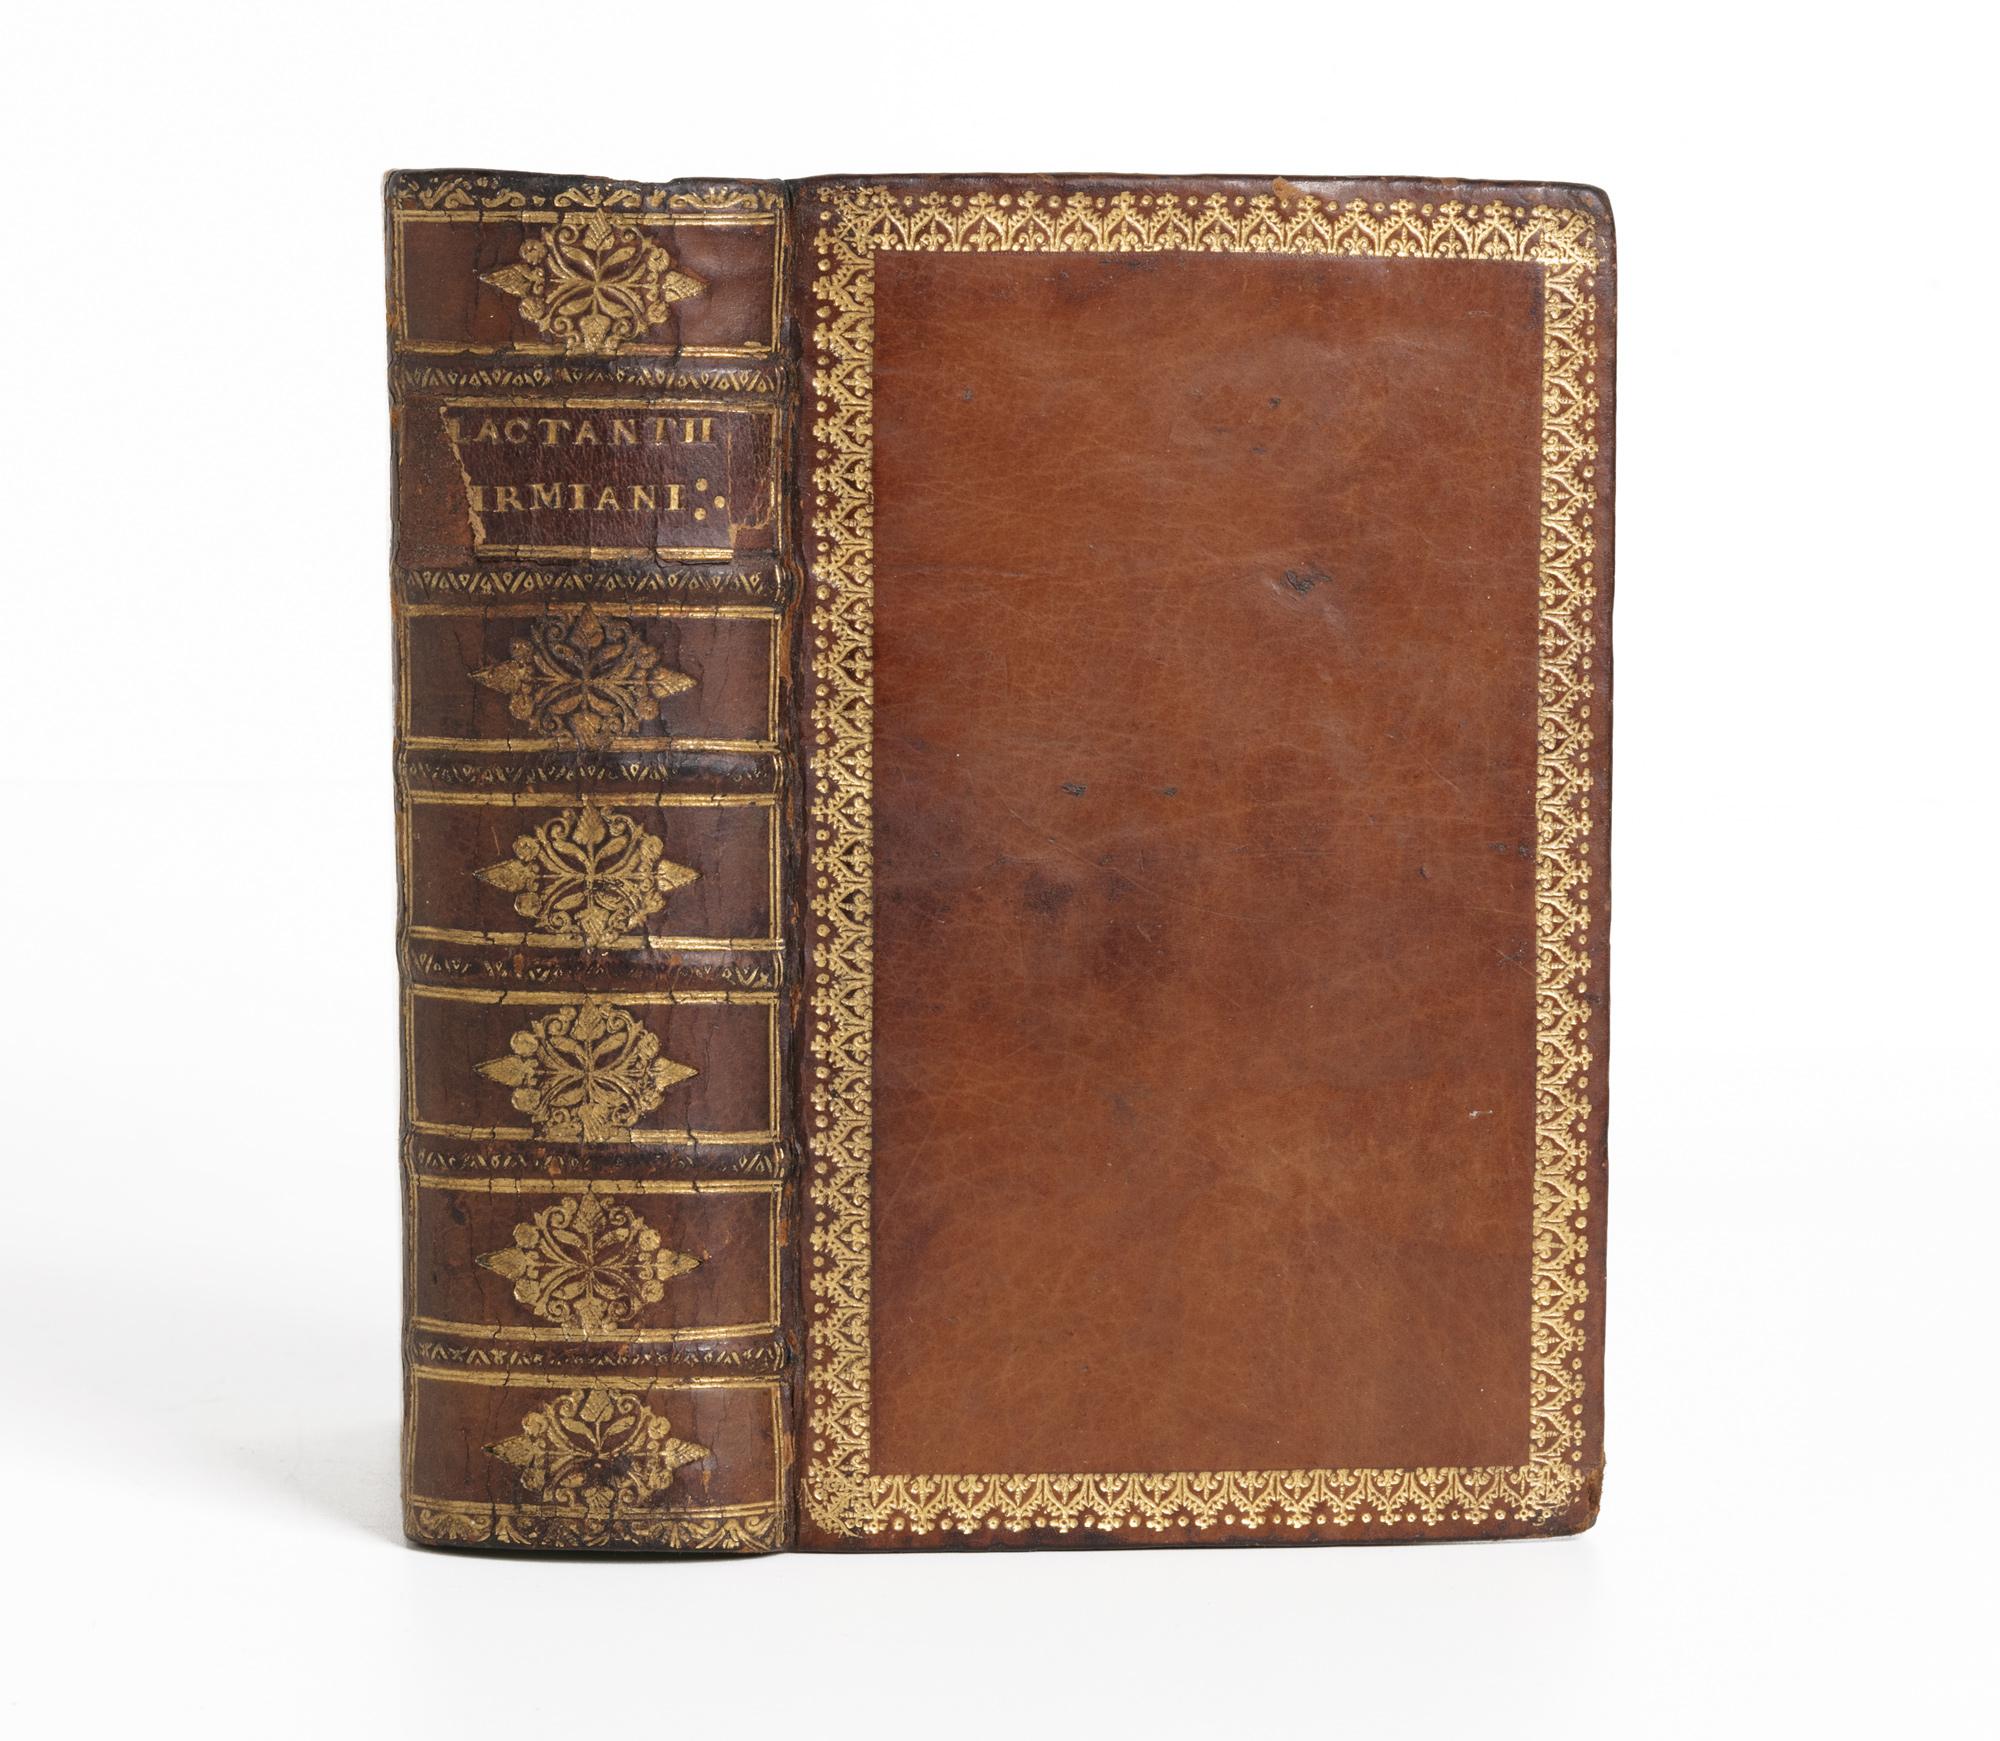 L. Coelii Lactantii Firmiani Diuinarum institutionum libri septem proxime castigati, et aucti